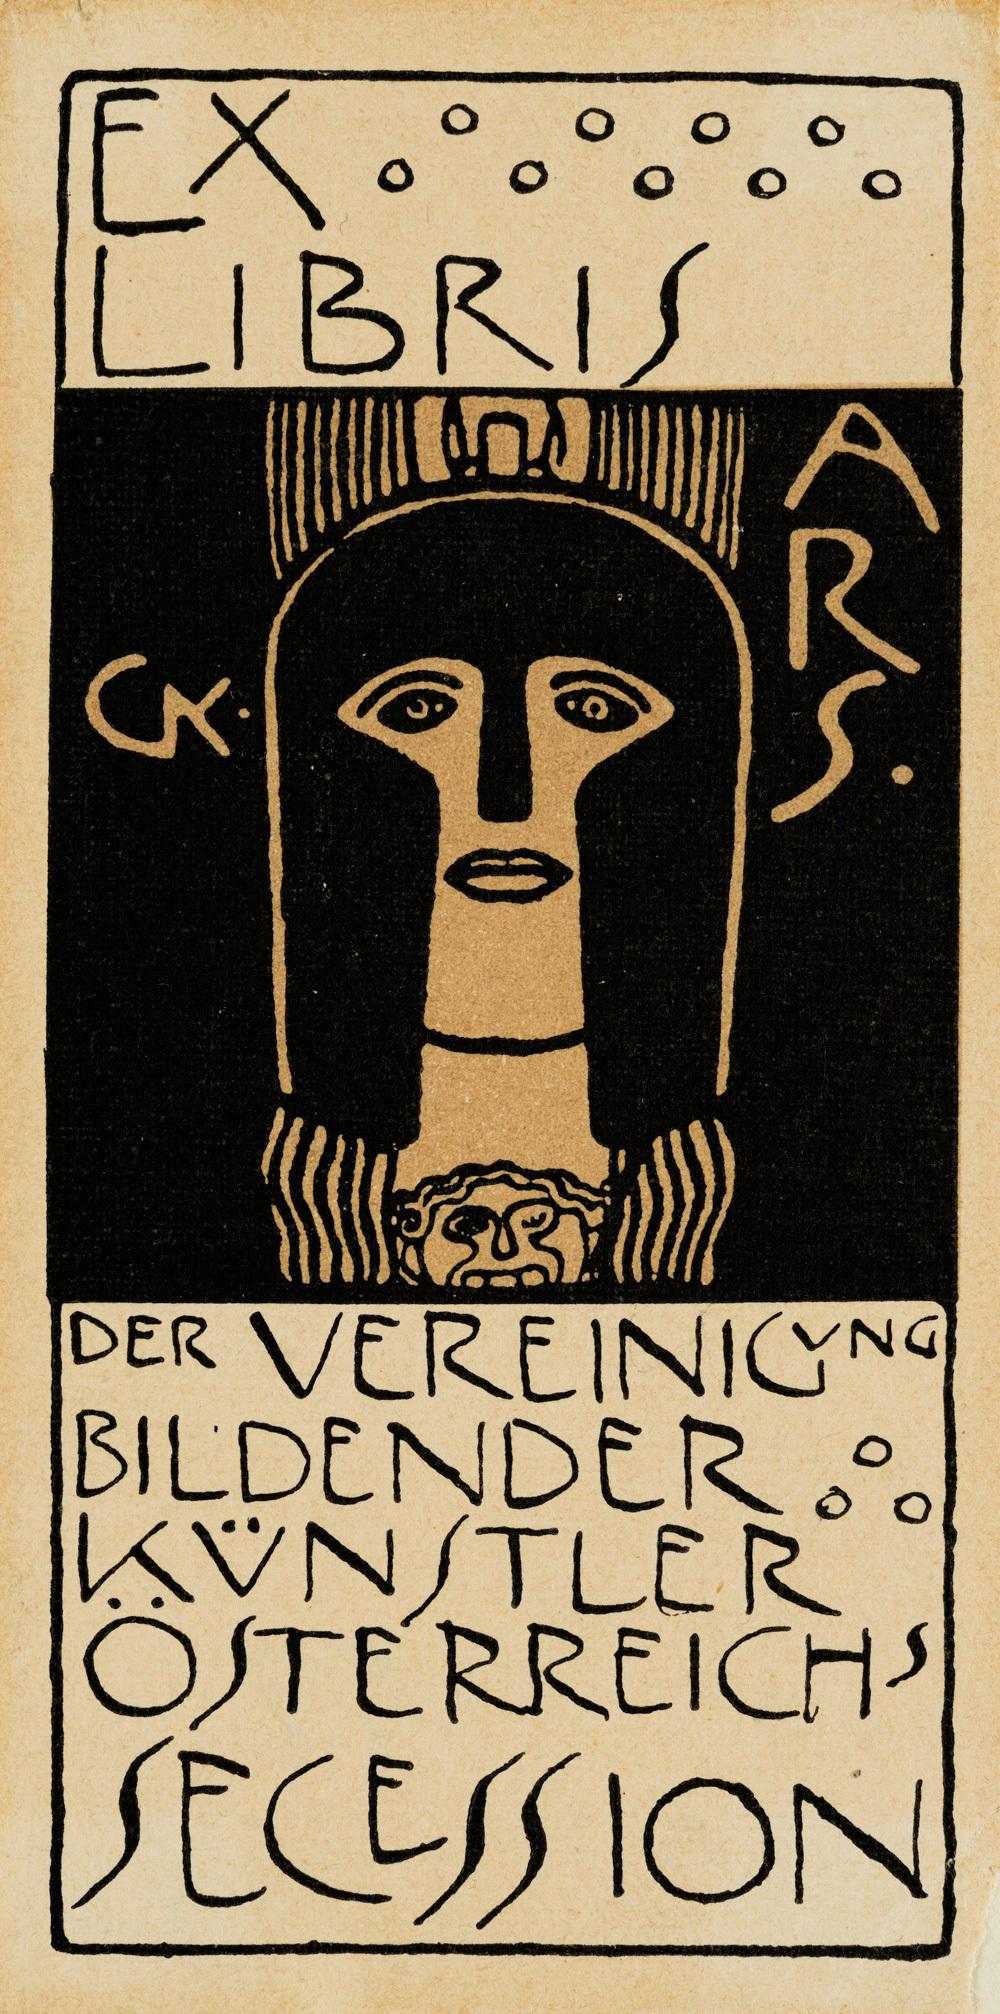 グスタフ・クリムト《ウィーン分離派の蔵書票》1900年頃 京都国立近代美術館